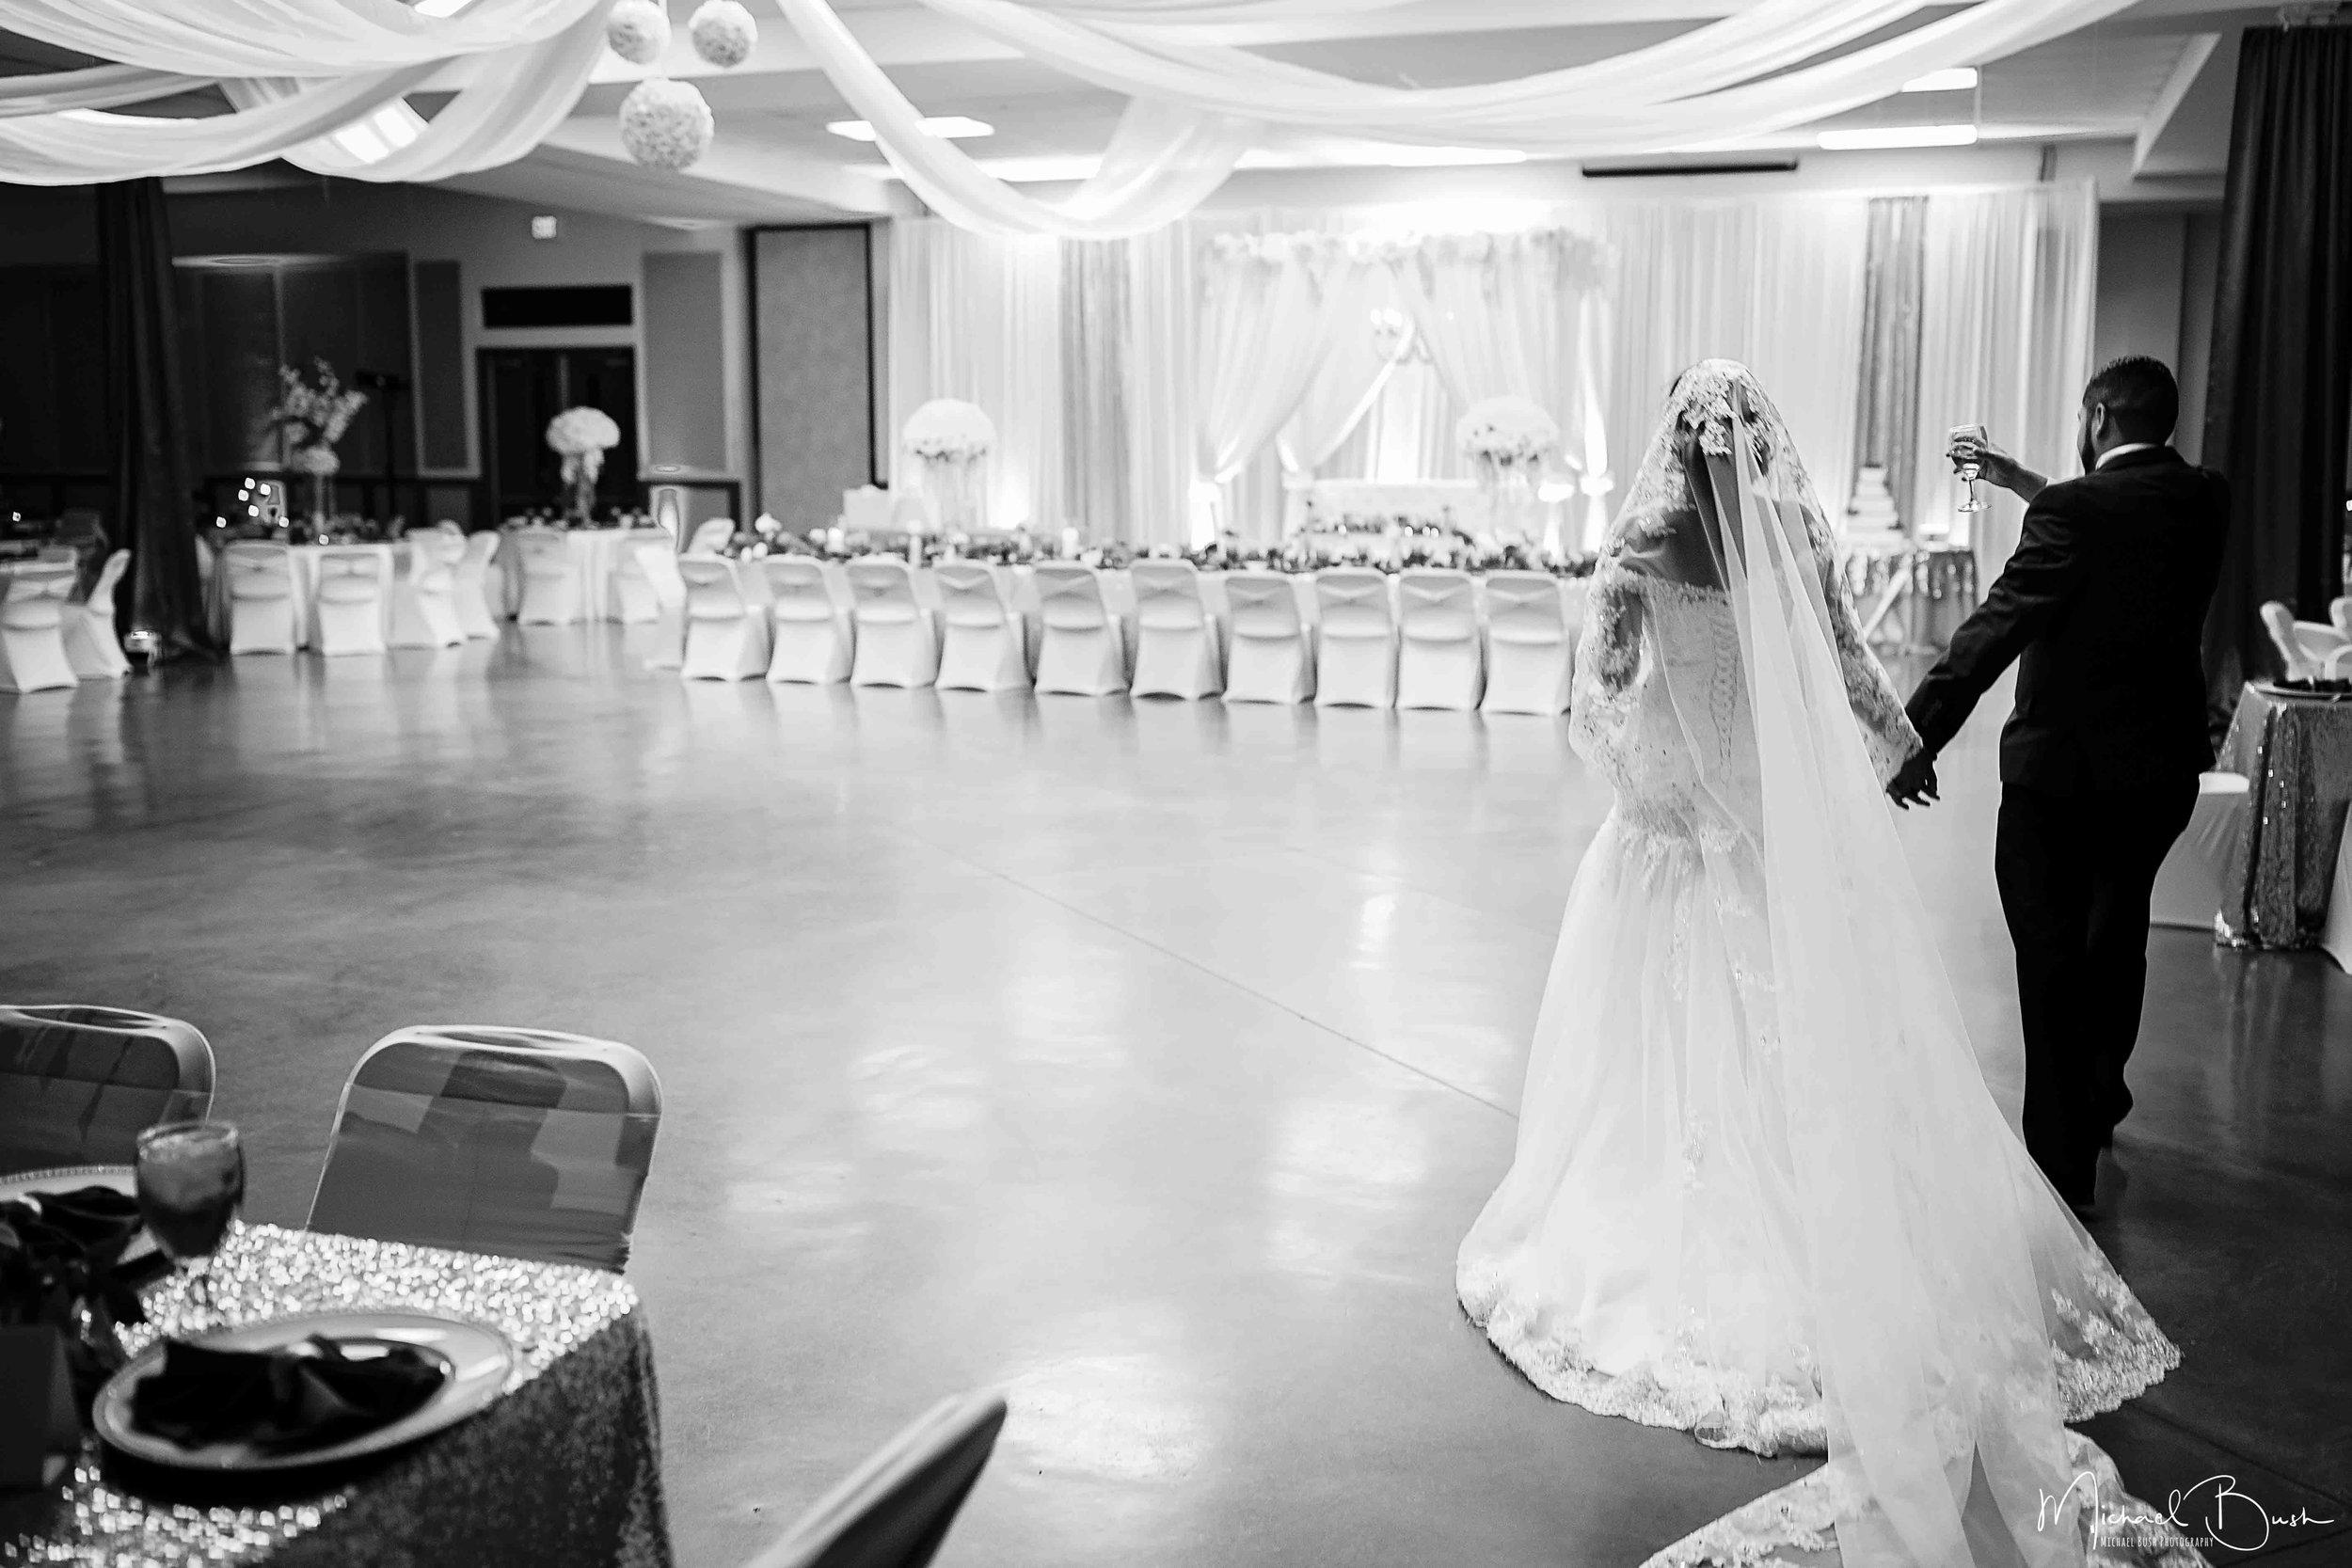 Wedding-Reception-Detials-Fort-Worth-Venue-b&w.jpg